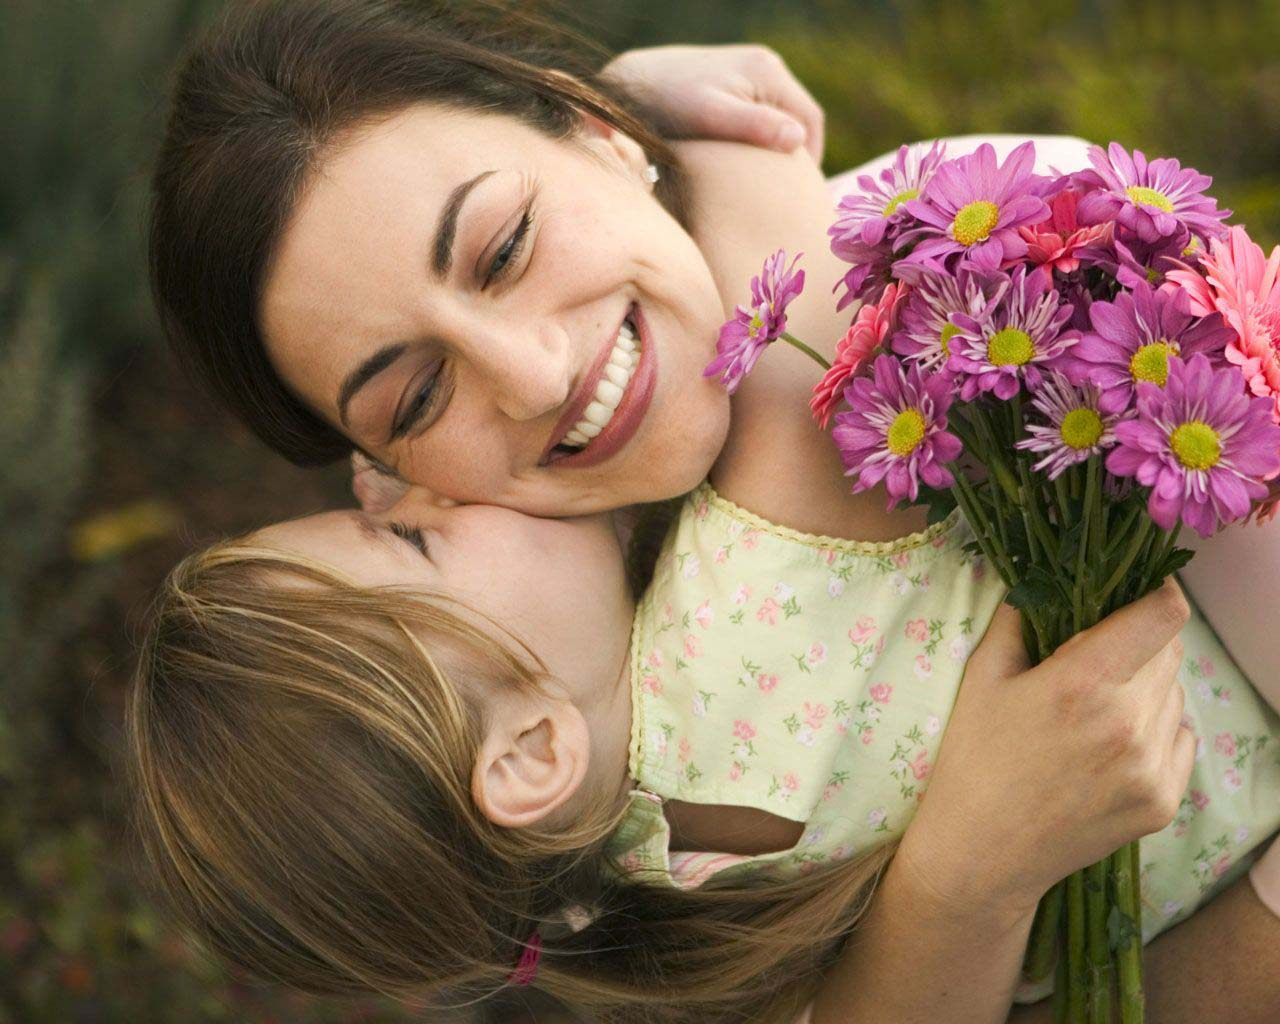 presente para o dia das mães!